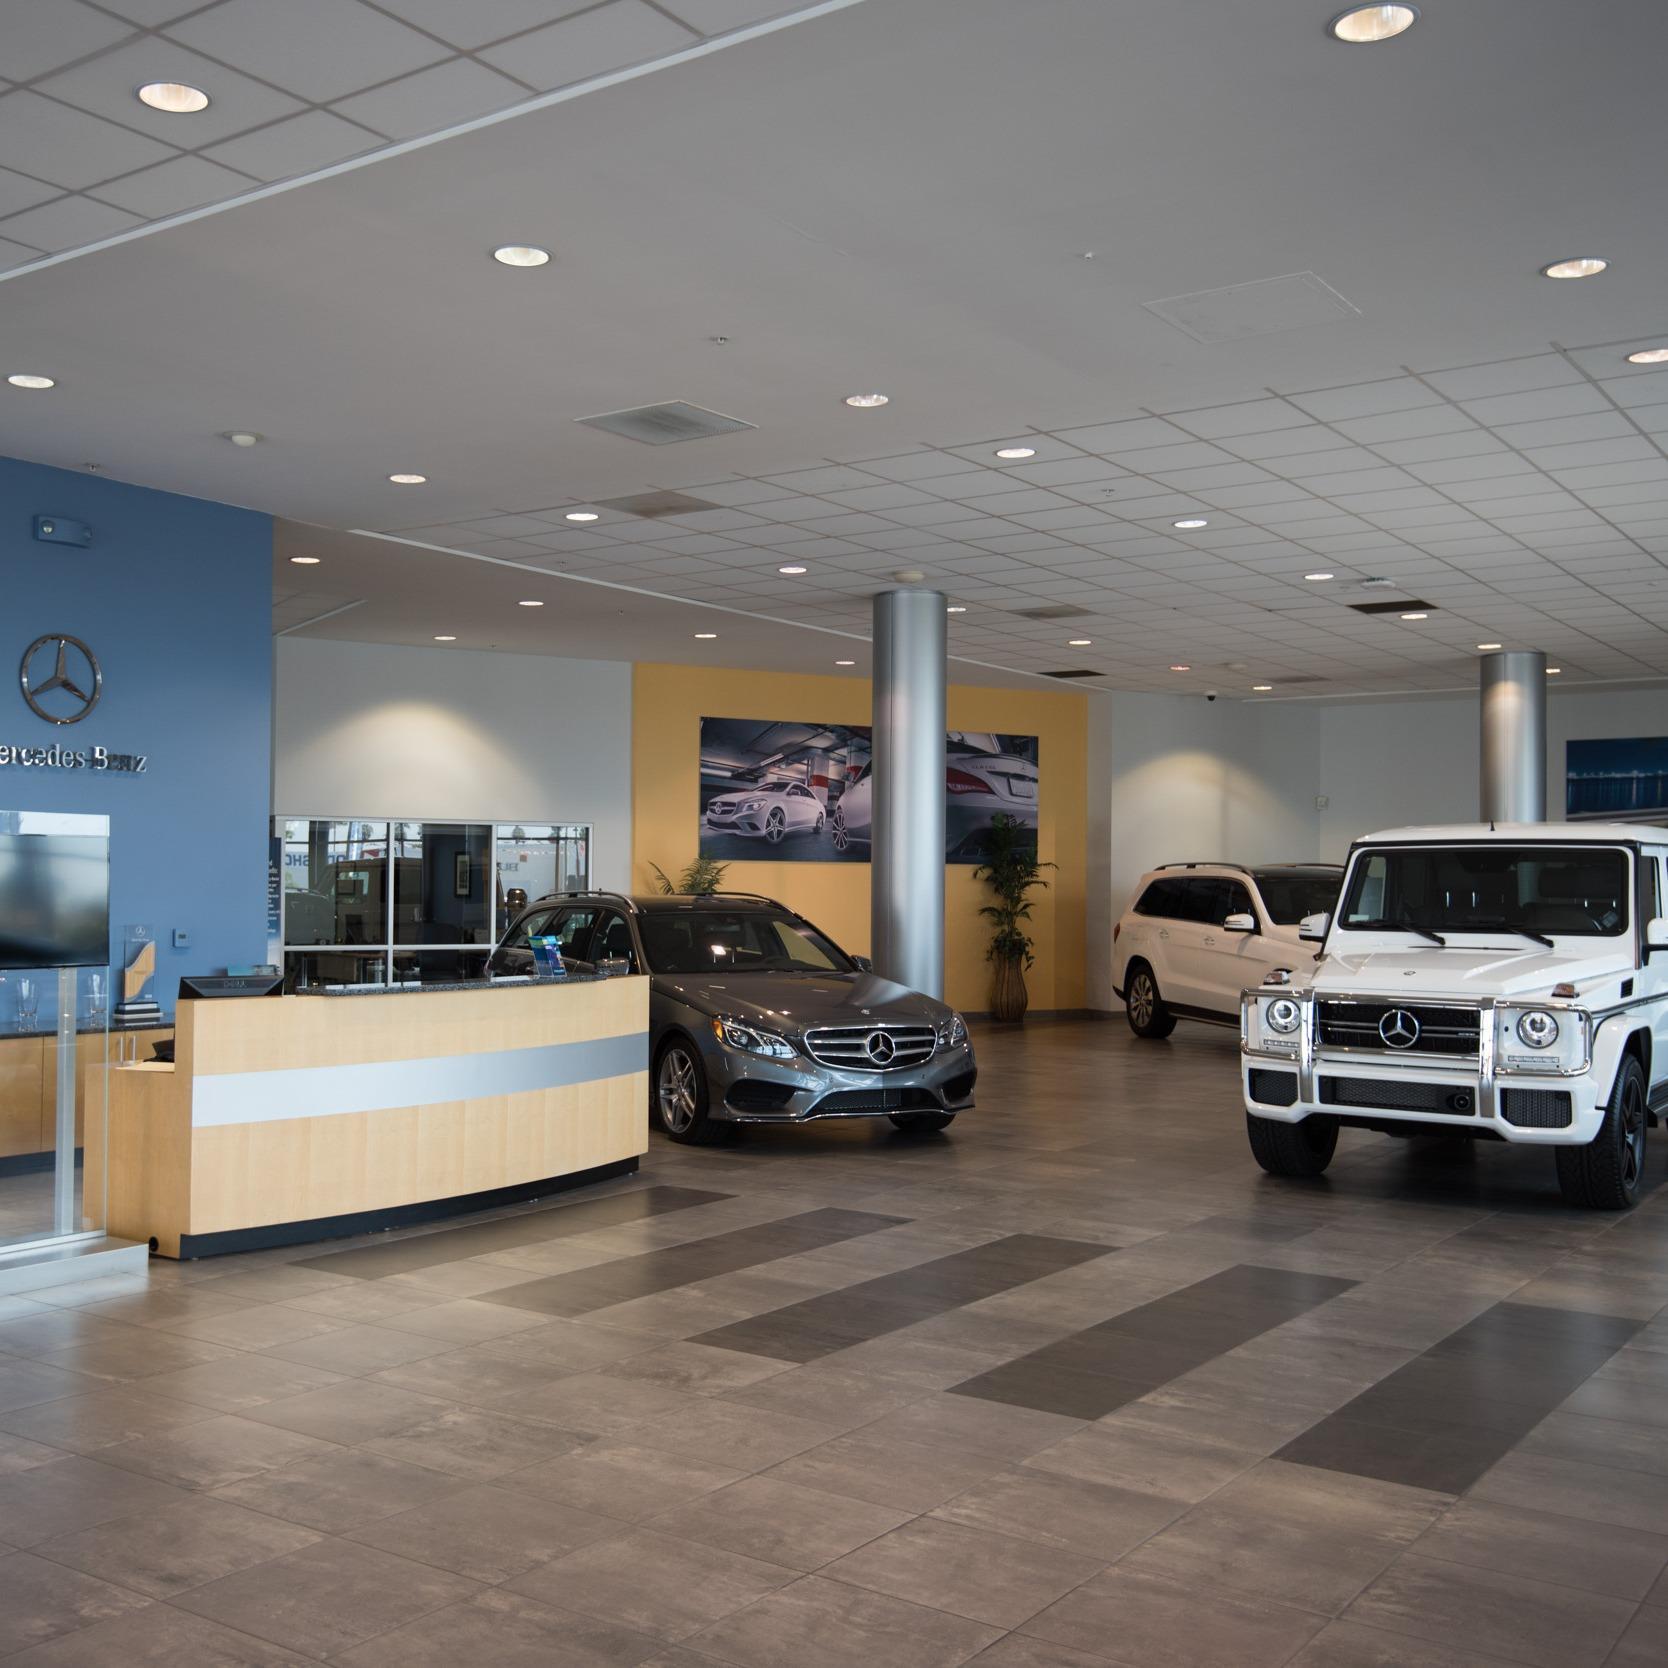 Mercedes-Benz of Oxnard